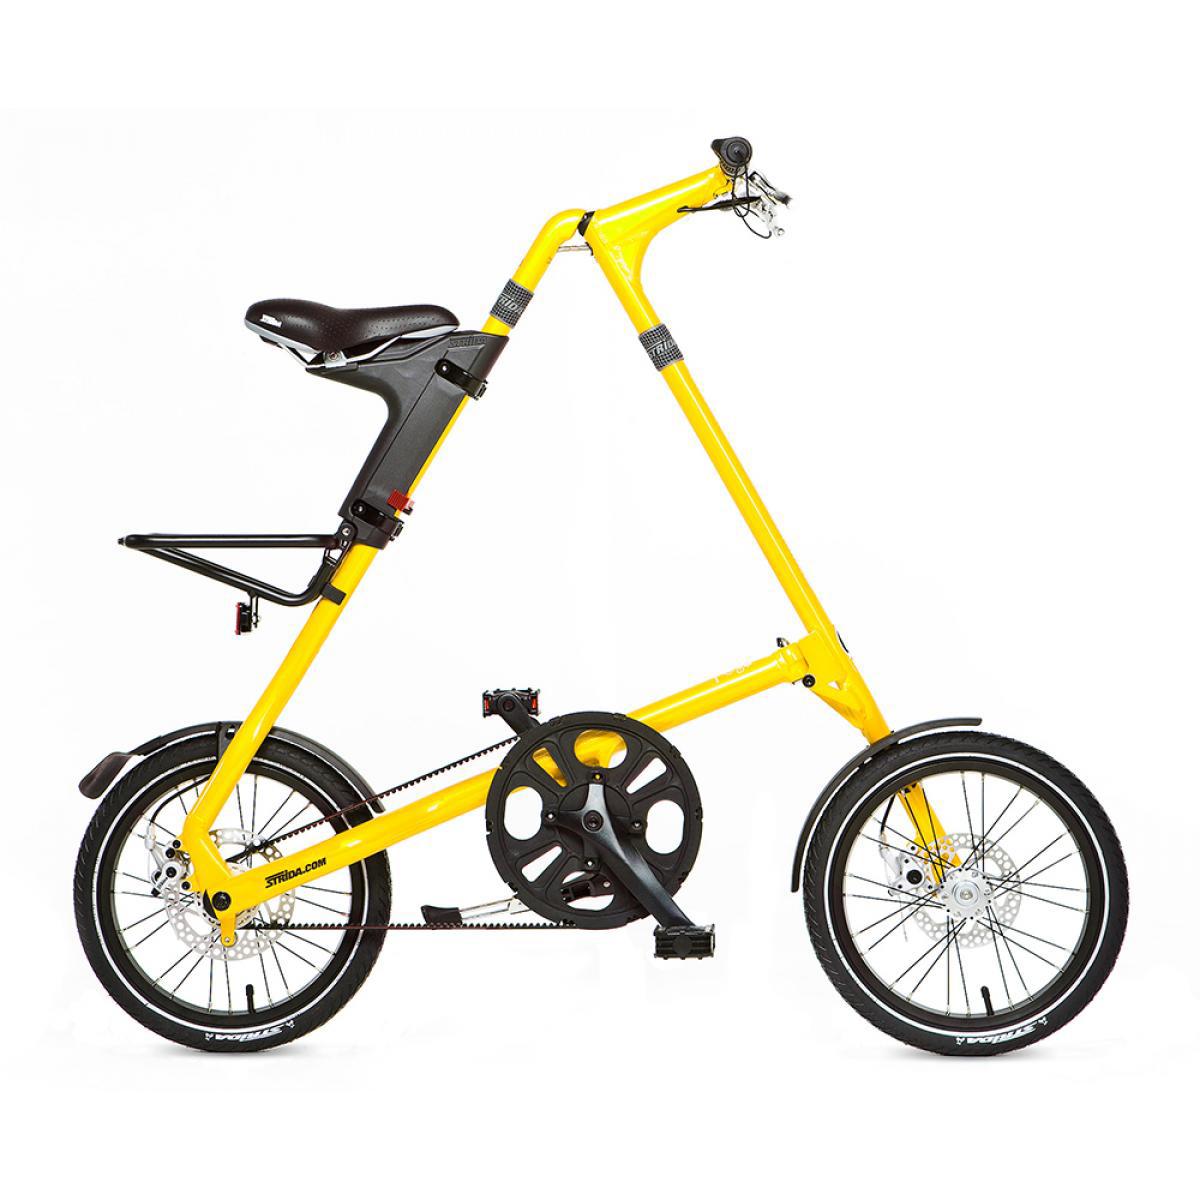 Велосипед складной Strida 5.2 2014, цвет: серый, рама 16, колесо 16. 115873115873